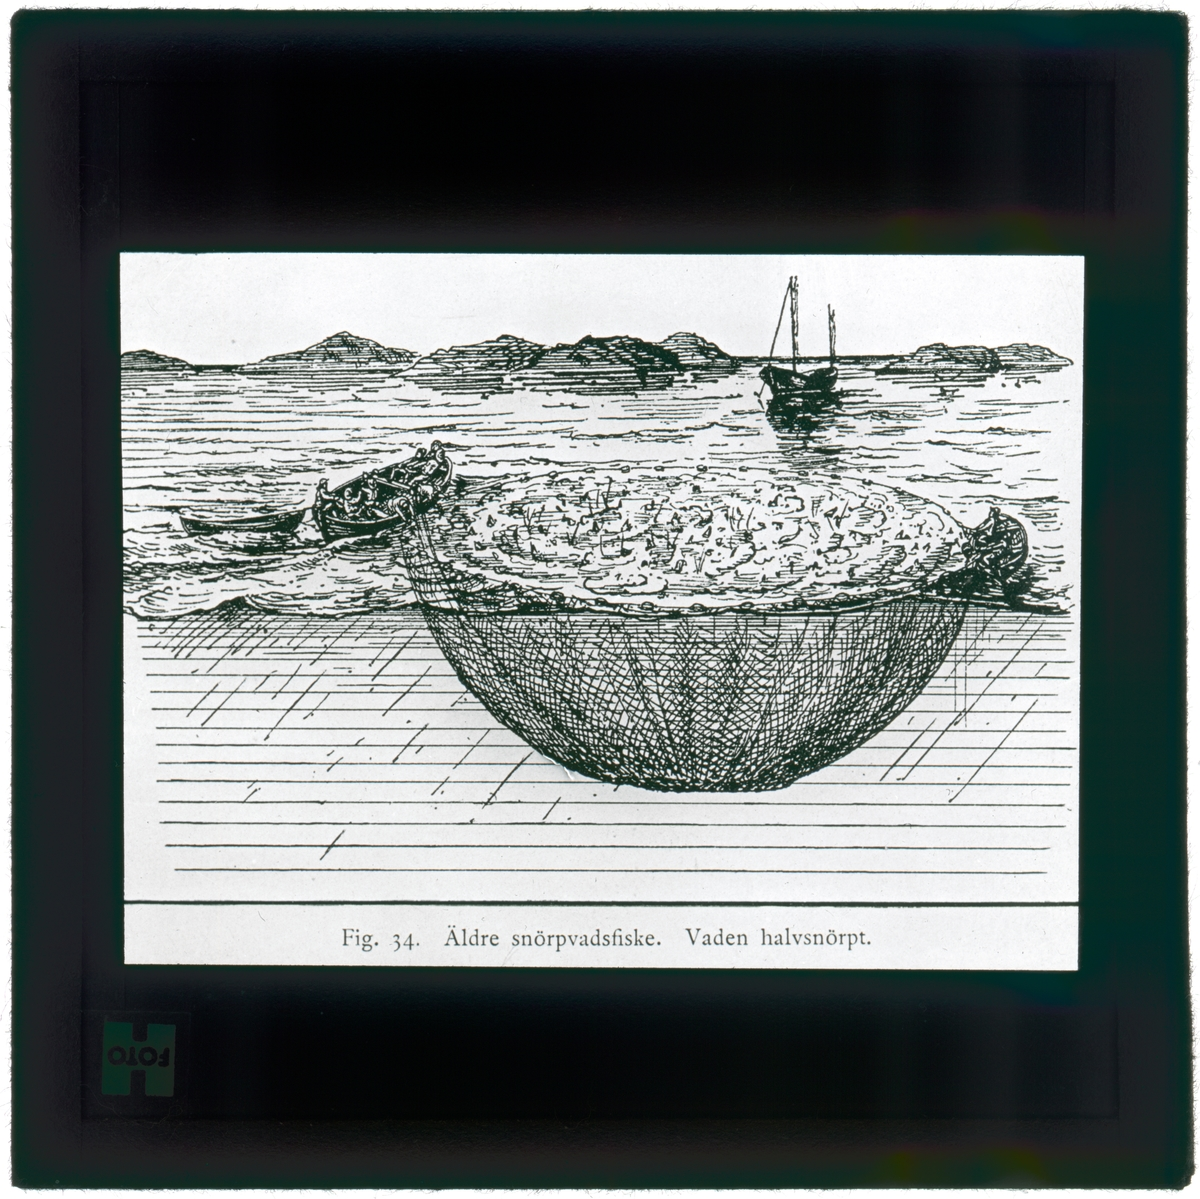 """Text på skioptikonplåten: """"Fig. 34. Äldre snörpvadsfiske. Vaden halvsnörpt."""""""